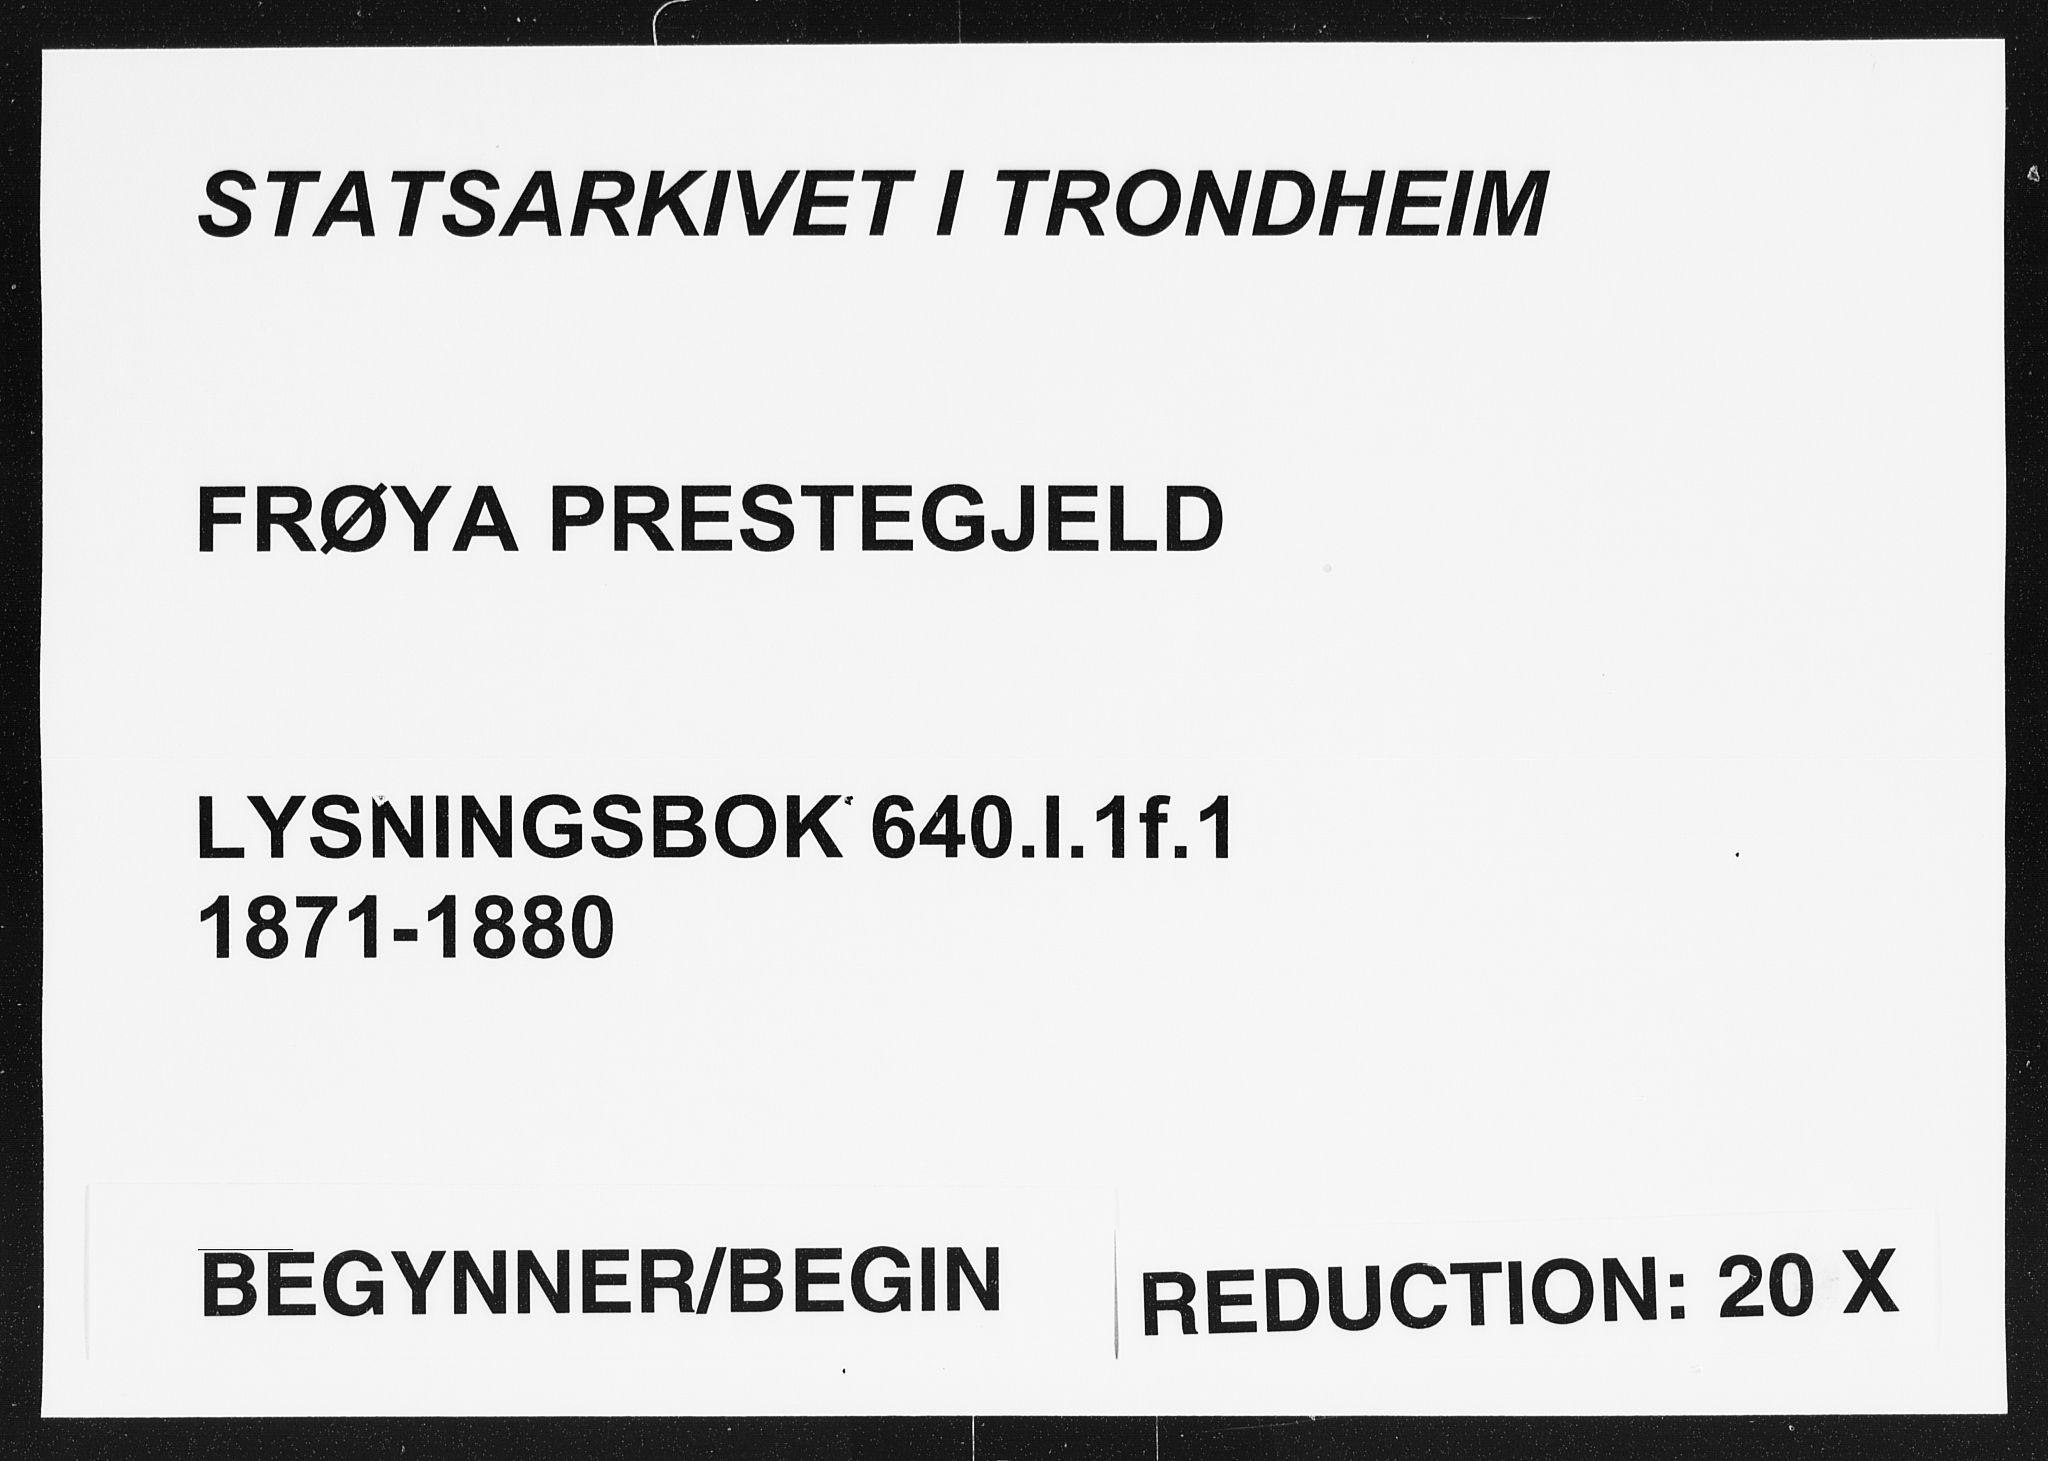 SAT, Arkivreferanse ukjent**, Banns register no. 640.I.1f.1, 1871-1880